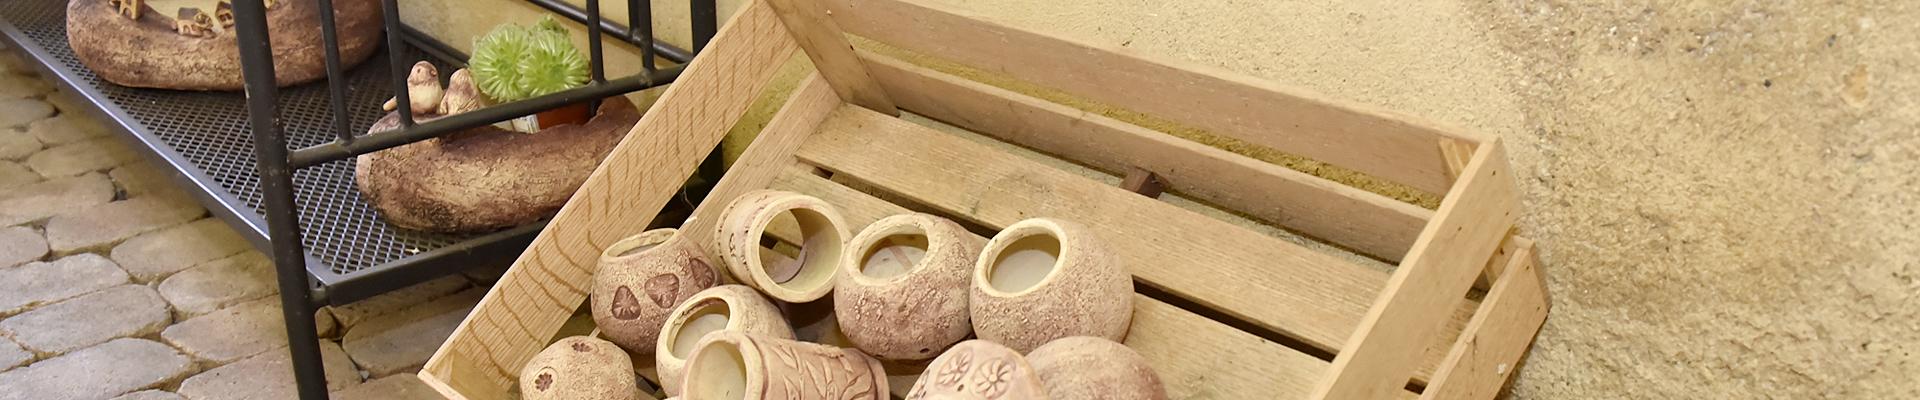 Selský dvůr - keramická dílna